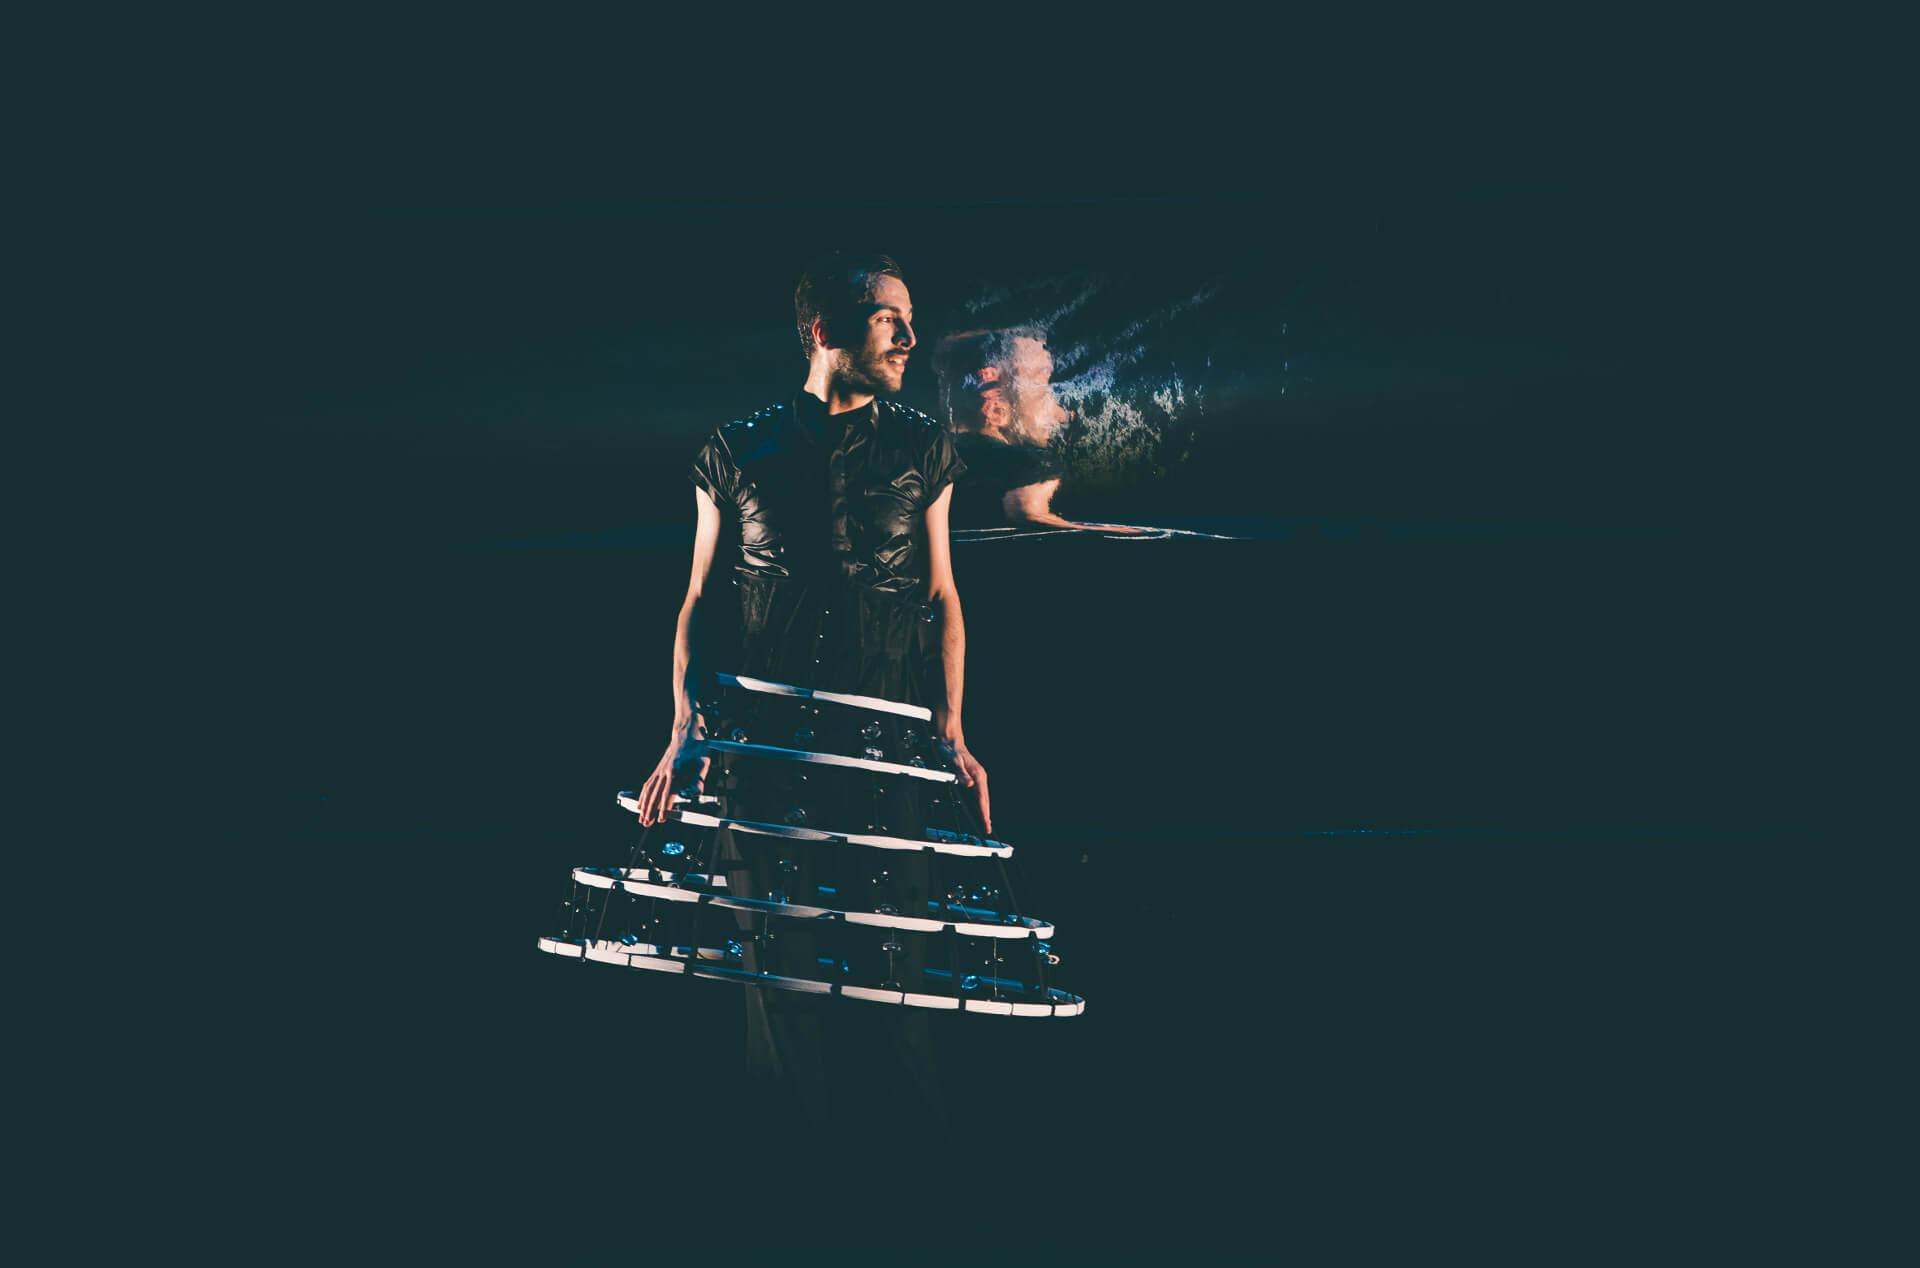 Extrema, danza en Huelva, Marco Flores propone una pieza que busca extremos o conceptos contrarios